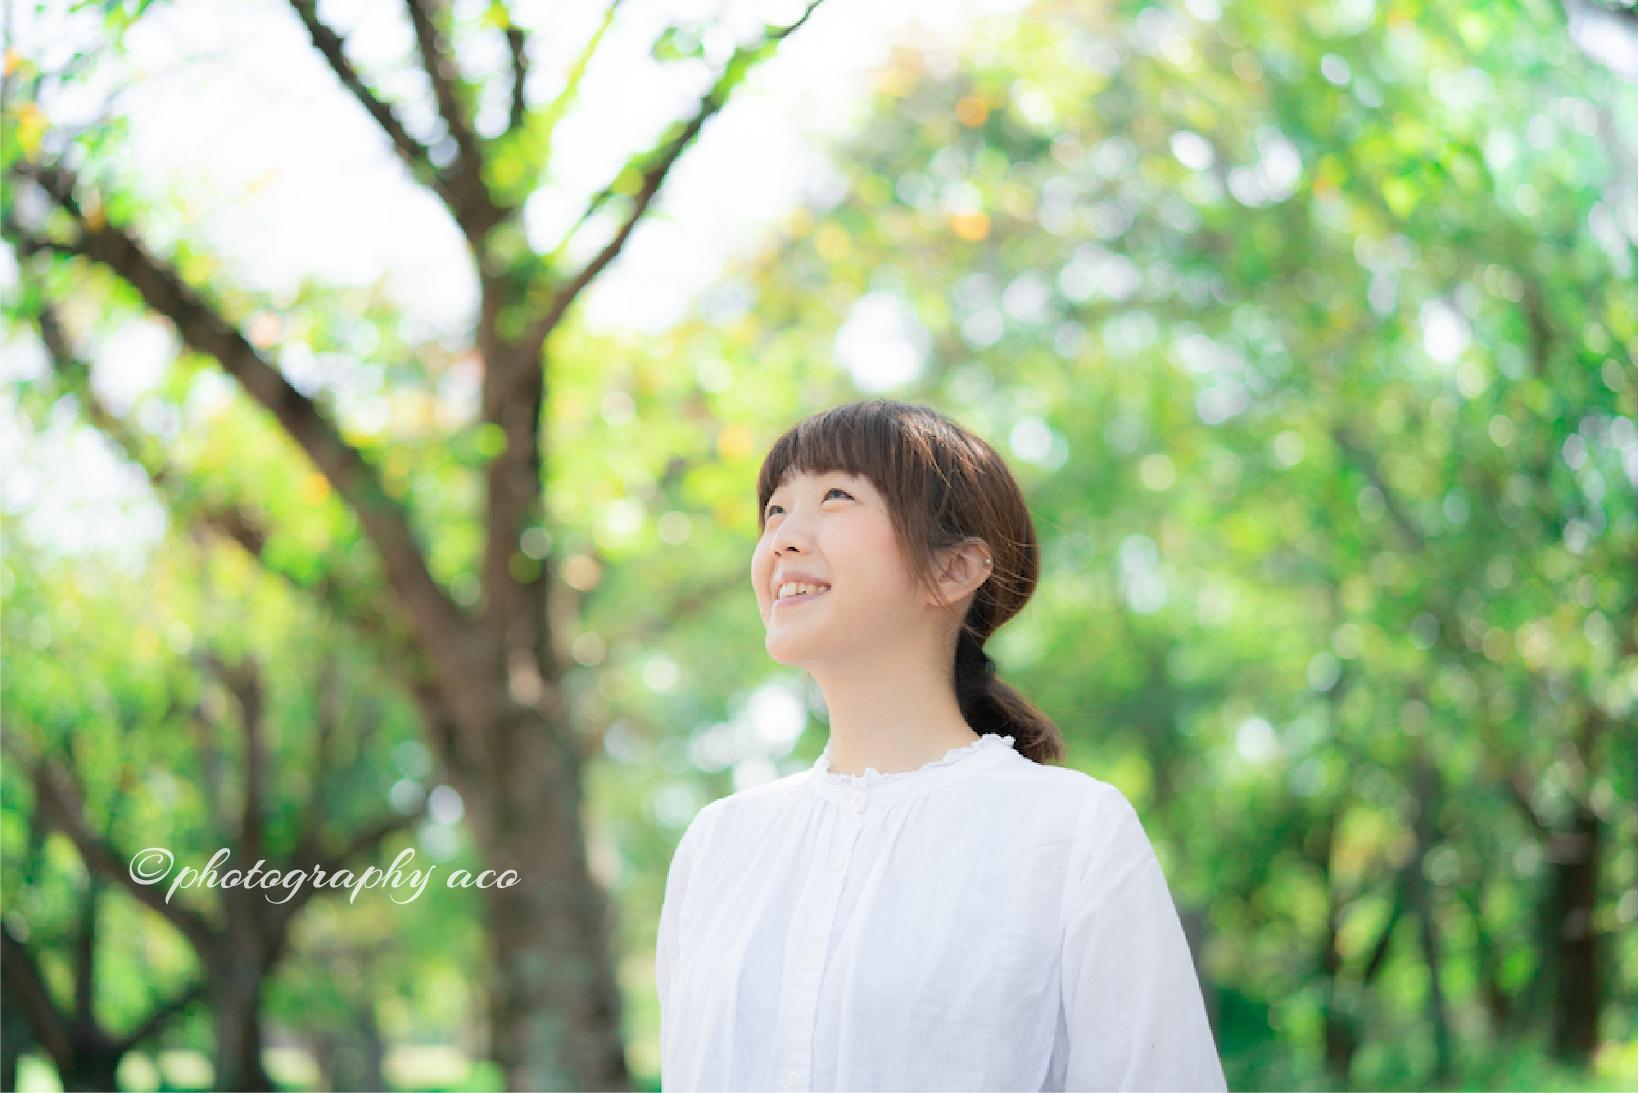 吉田あみ様プロフィール写真